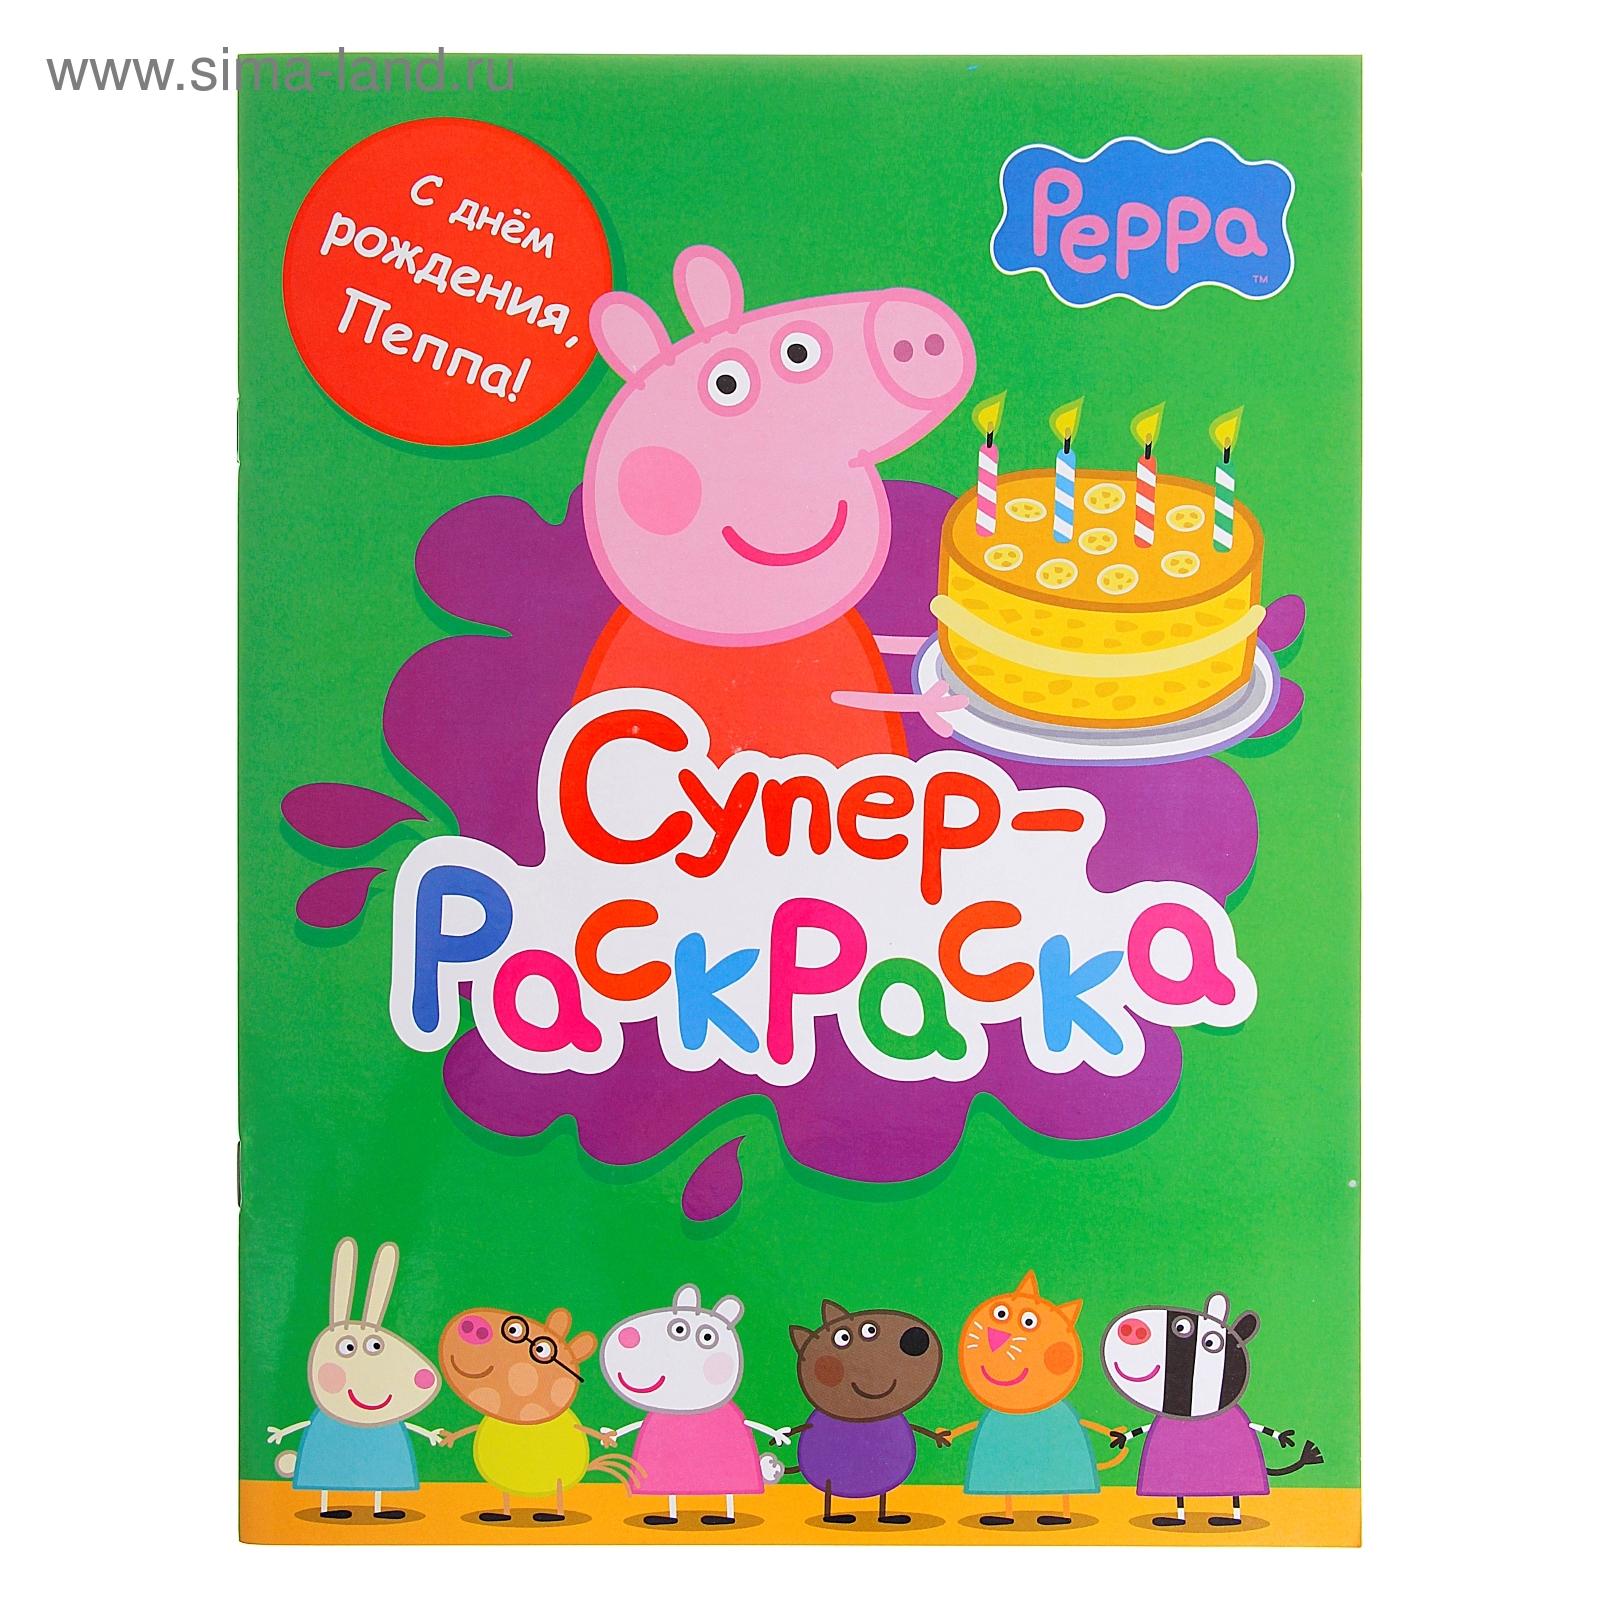 супер раскраска свинка пеппа 343582 купить по цене от